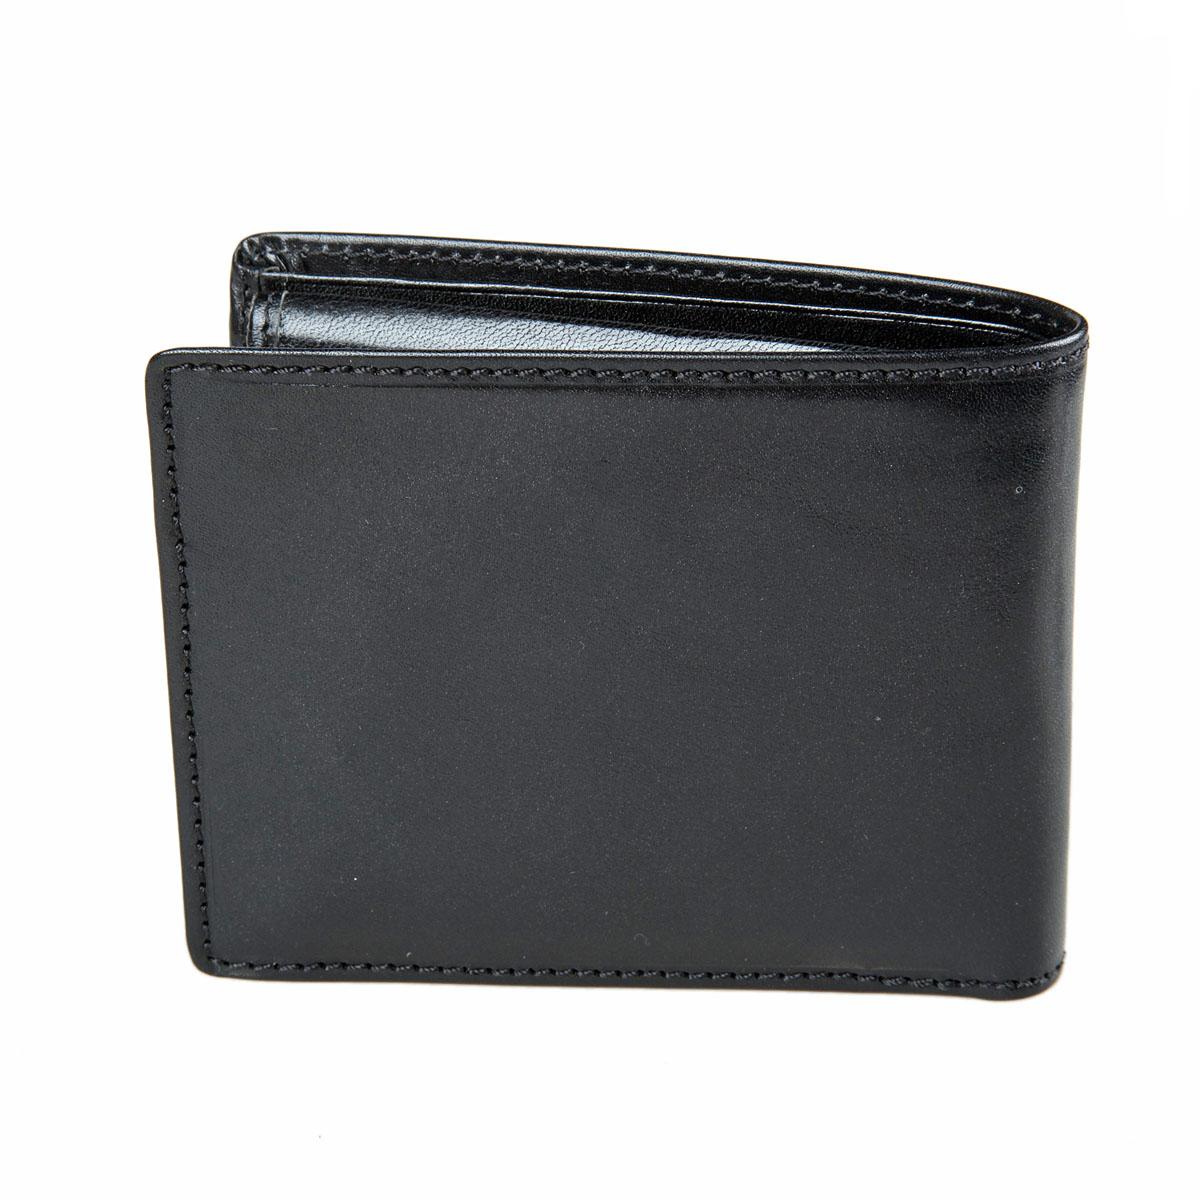 Портмоне мужское Gianni Conti, цвет: черный. 907023907023 blackСтильное мужское портмоне Gianni Conti выполнено из натуральной кожи. Лицевая сторона оформлена тиснением в виде названия бренда производителя. Изделие раскладывается пополам. Внутри имеется два отделения для купюр, четыре потайных кармана, карман для мелочи на кнопке, семь кармашков для визиток и пластиковых карт и сетчатый карман. Портмоне упаковано в фирменную картонную коробку. Оригинальное портмоне подчеркнет вашу индивидуальность и изысканный вкус, а также станет замечательным подарком человеку, ценящему качественные и практичные вещи.